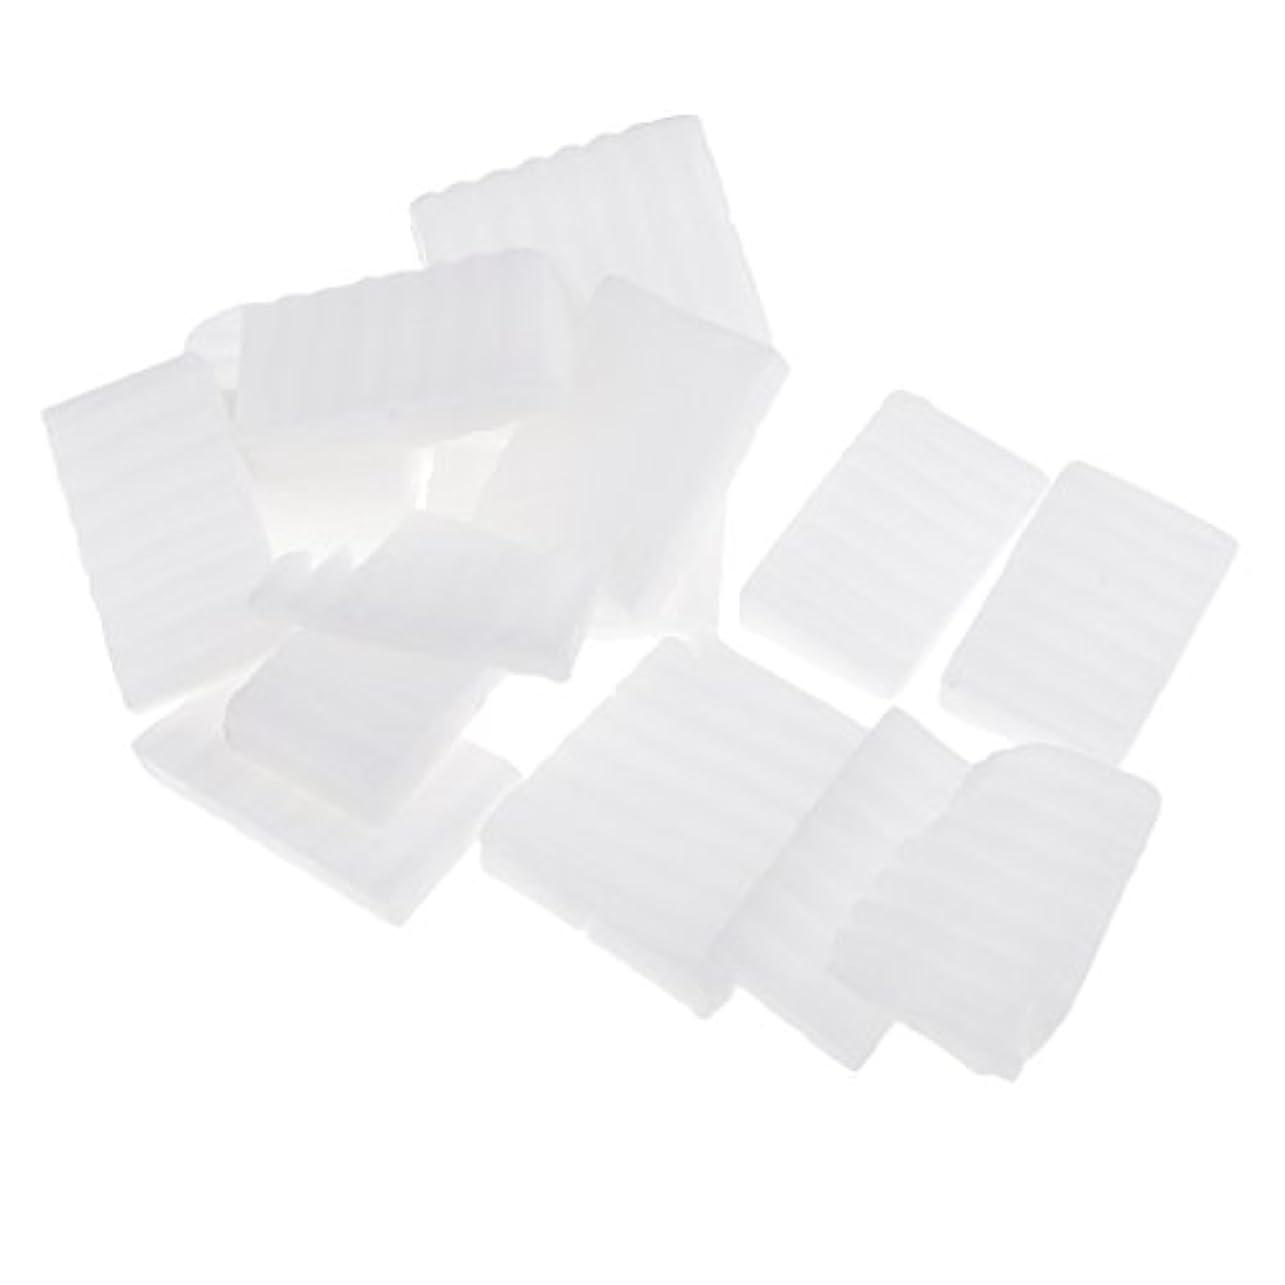 月曜剛性閃光Perfk 白い 石鹸ベース DIY 手作り 石鹸 材料 約500g 手作り 石鹸のため